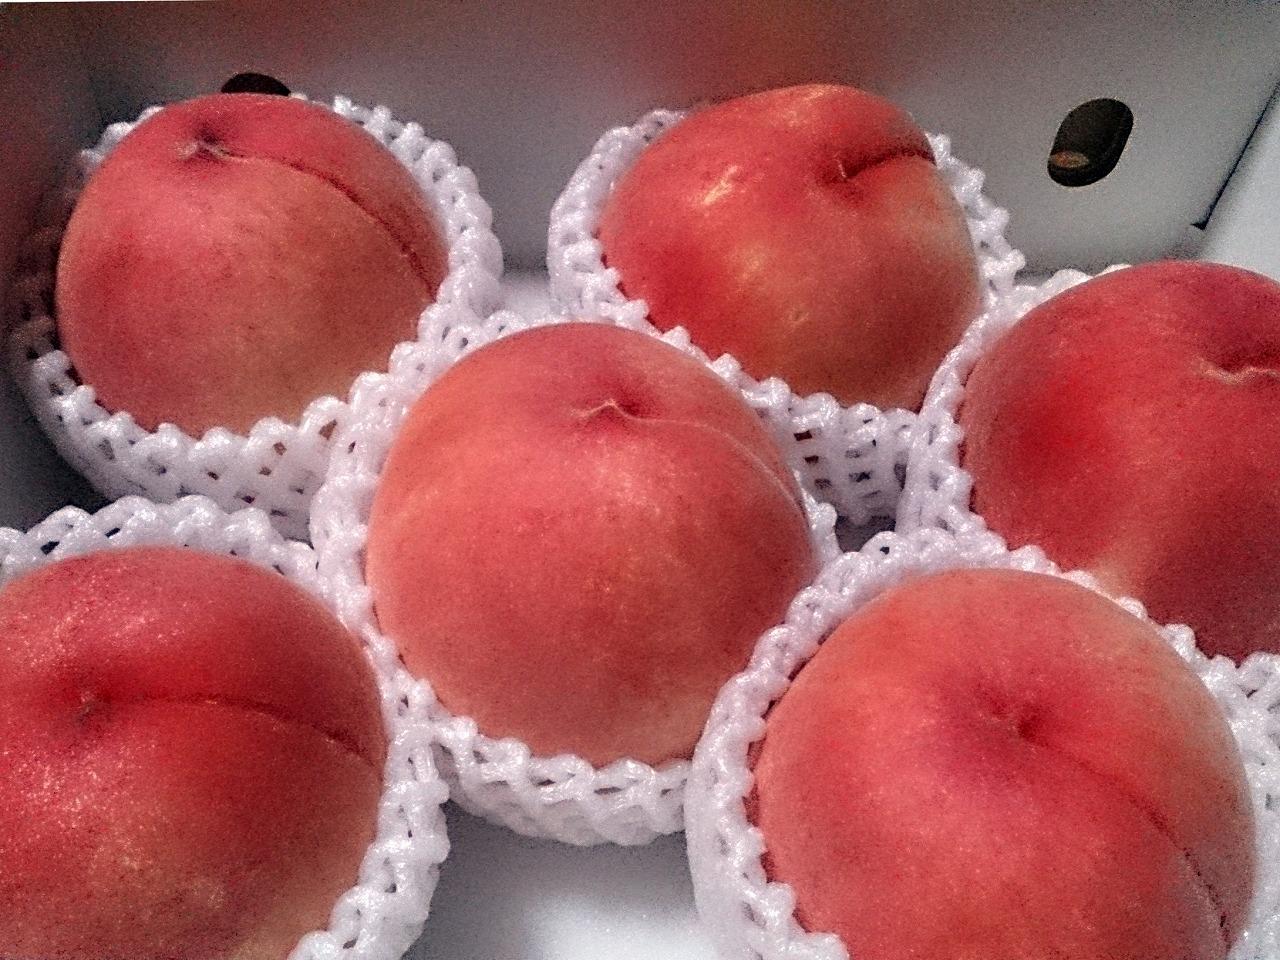 Peach_20140807-02.jpg